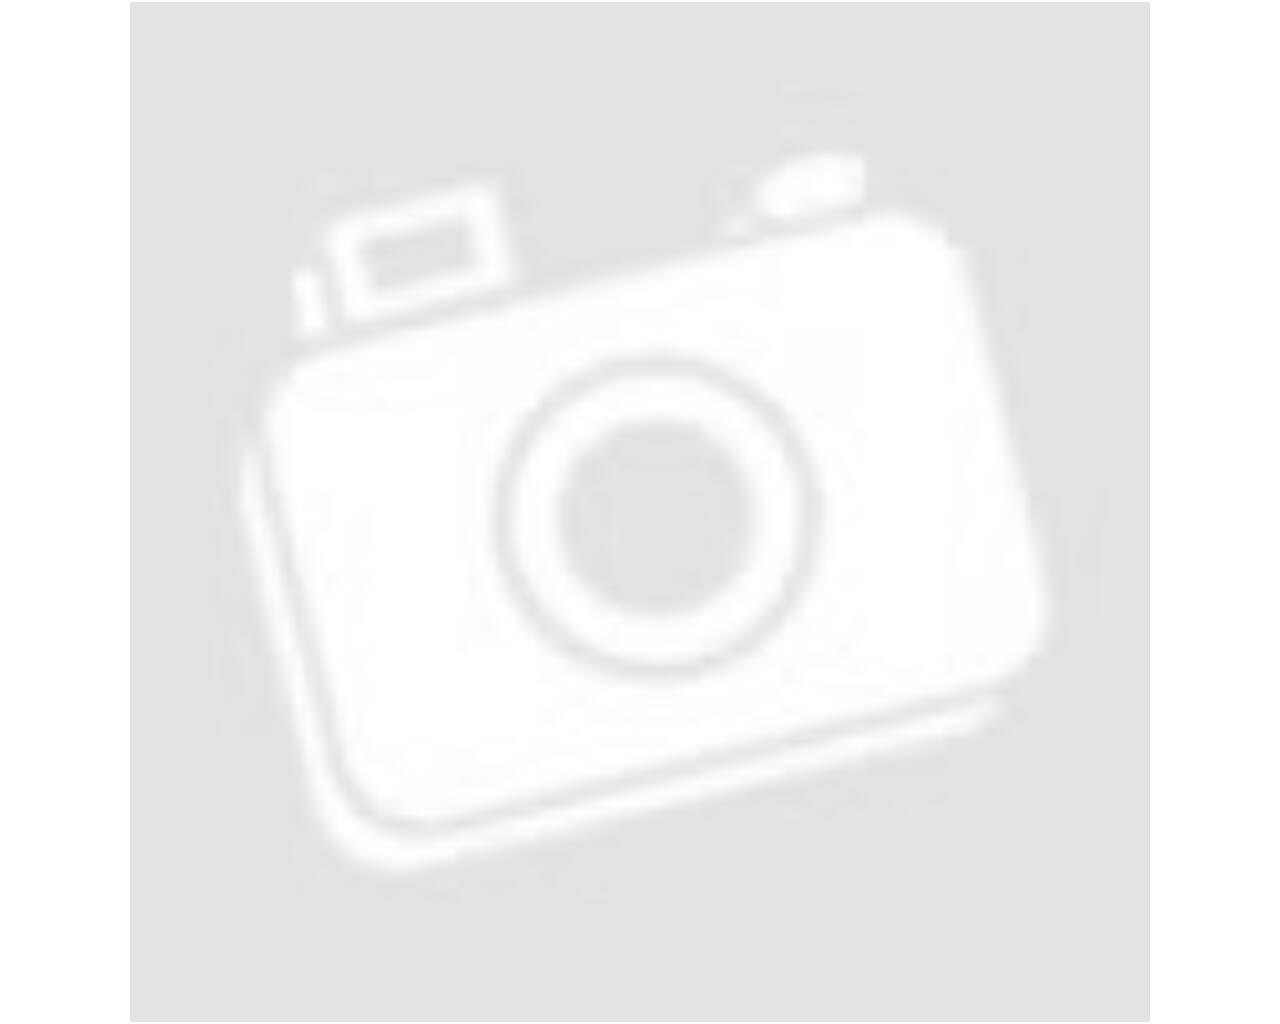 Füstcső, zománcozott lemez, 130 mm, fekete